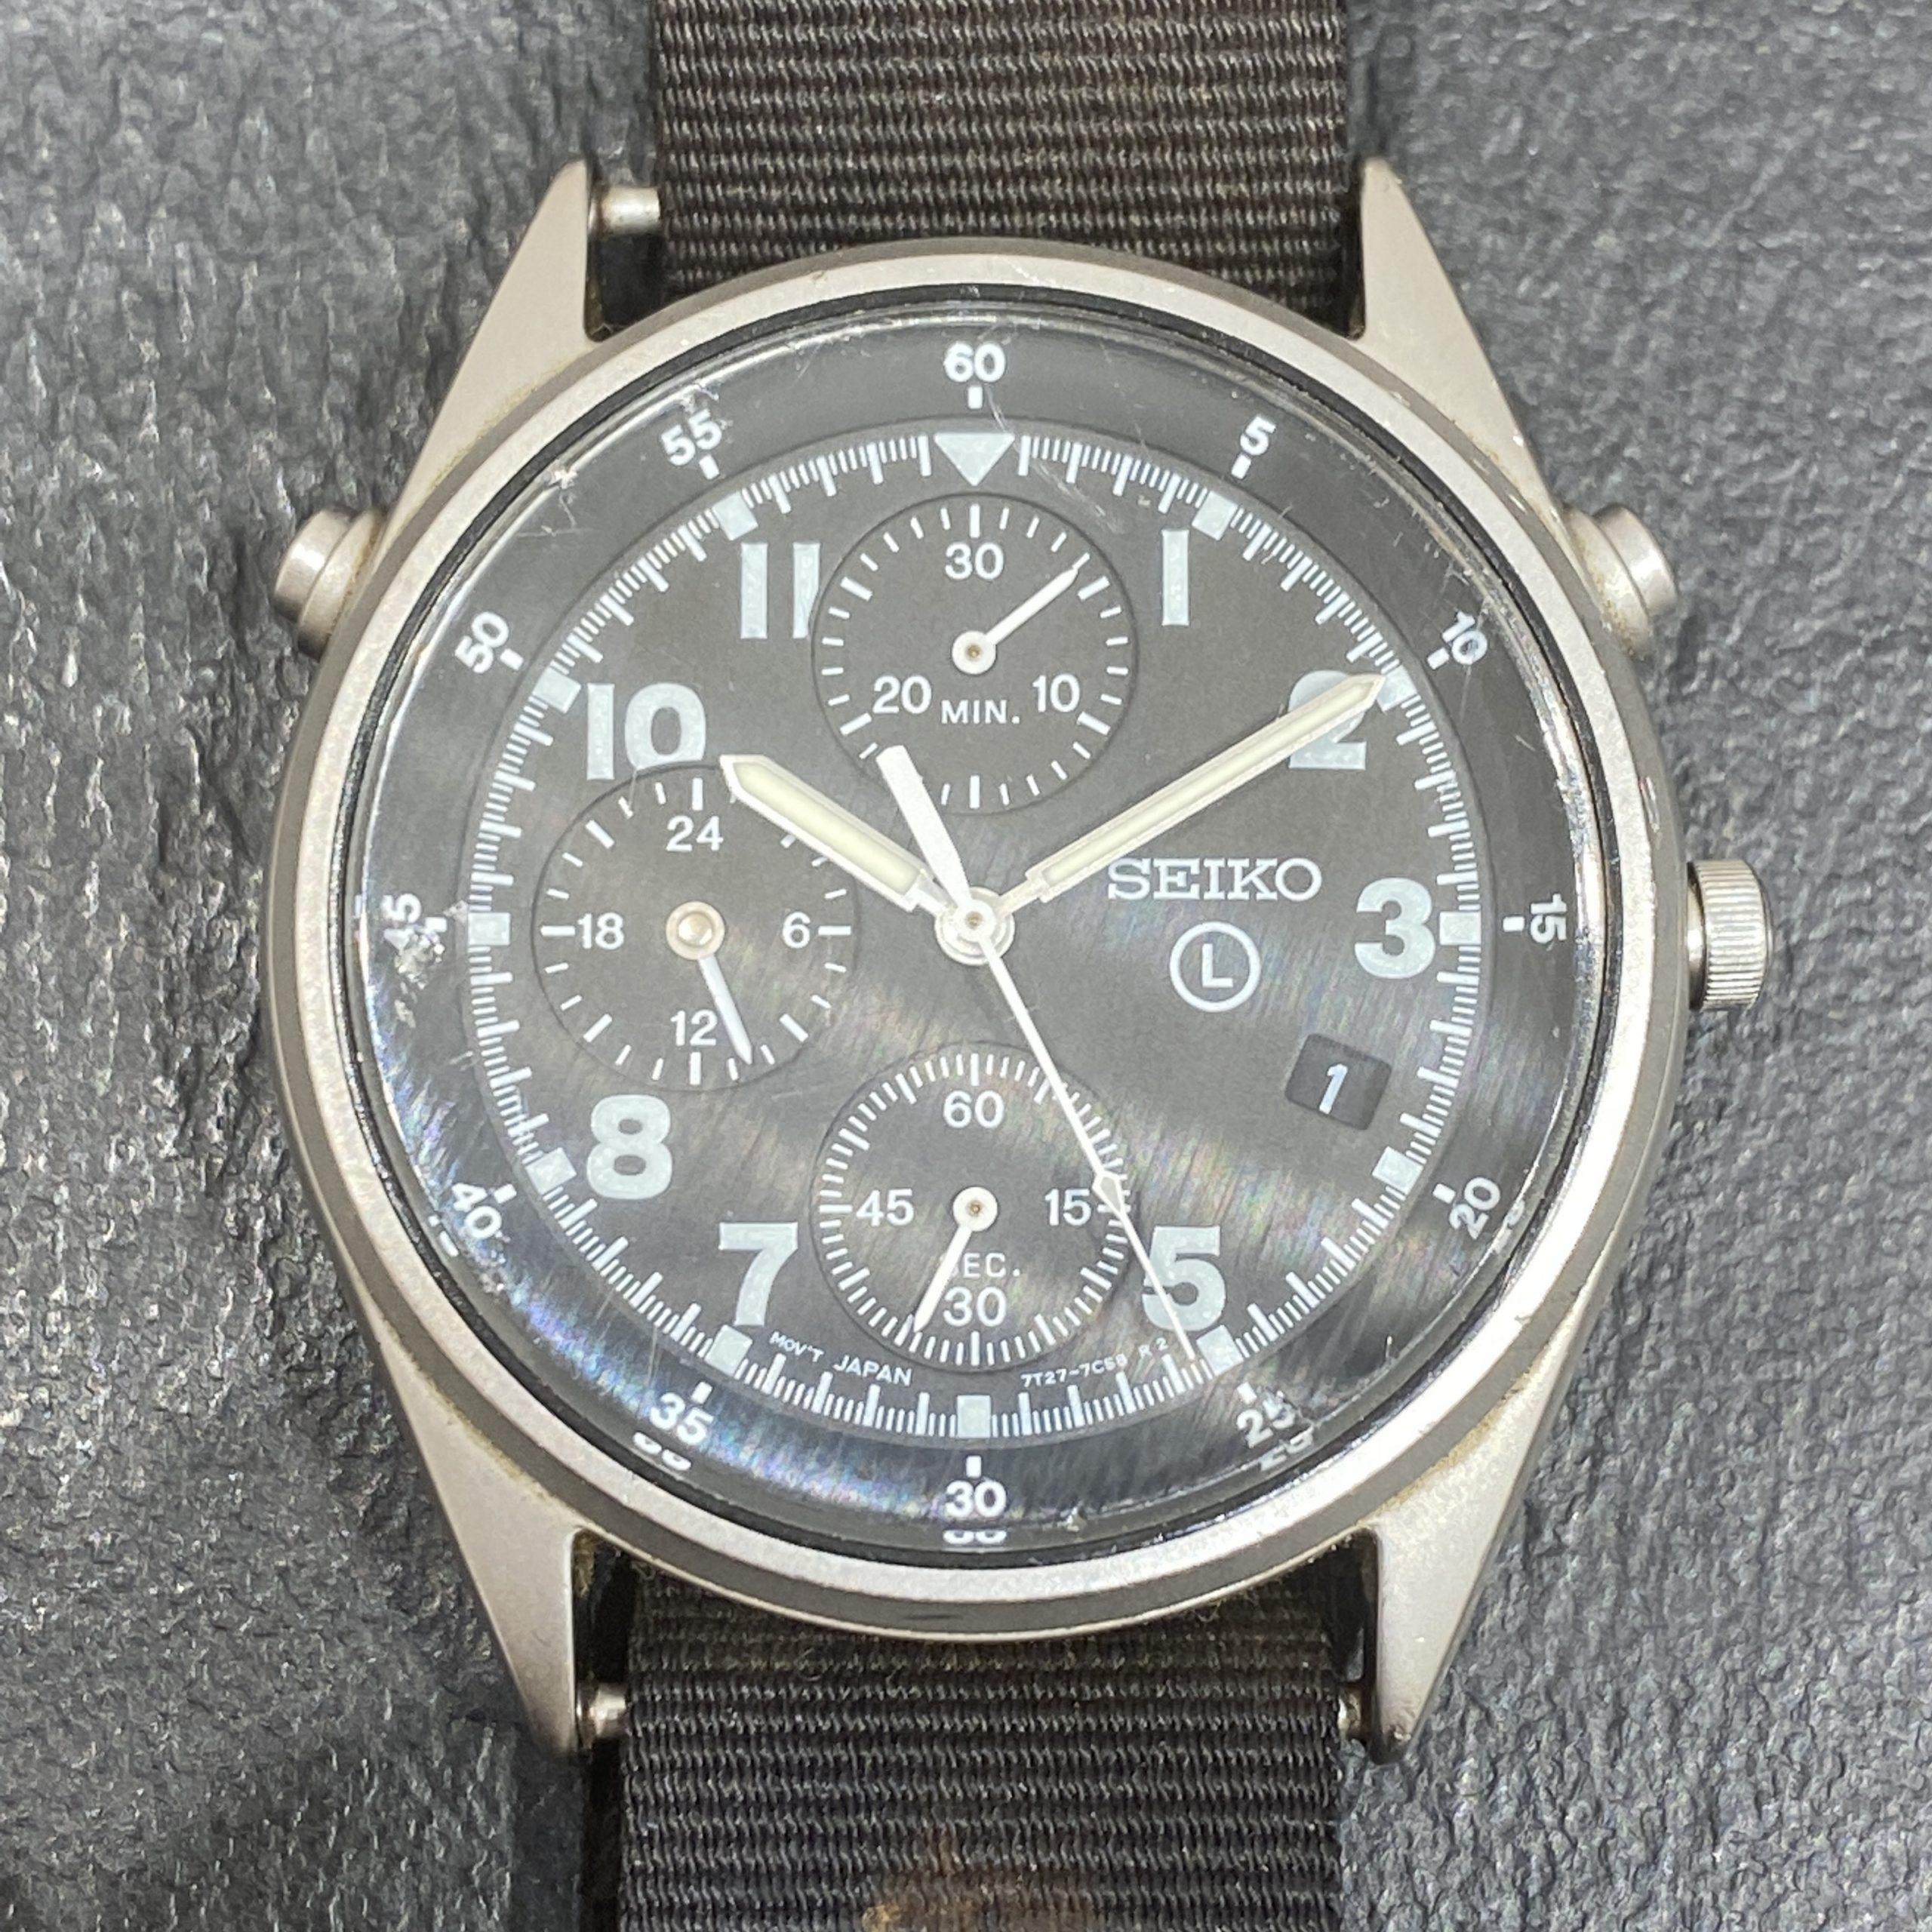 【SEIKO/セイコー】クオーツ時計 CHRONOGRAPH/クロノグラフ 7T27-7A20 ミリタリー Lマーク